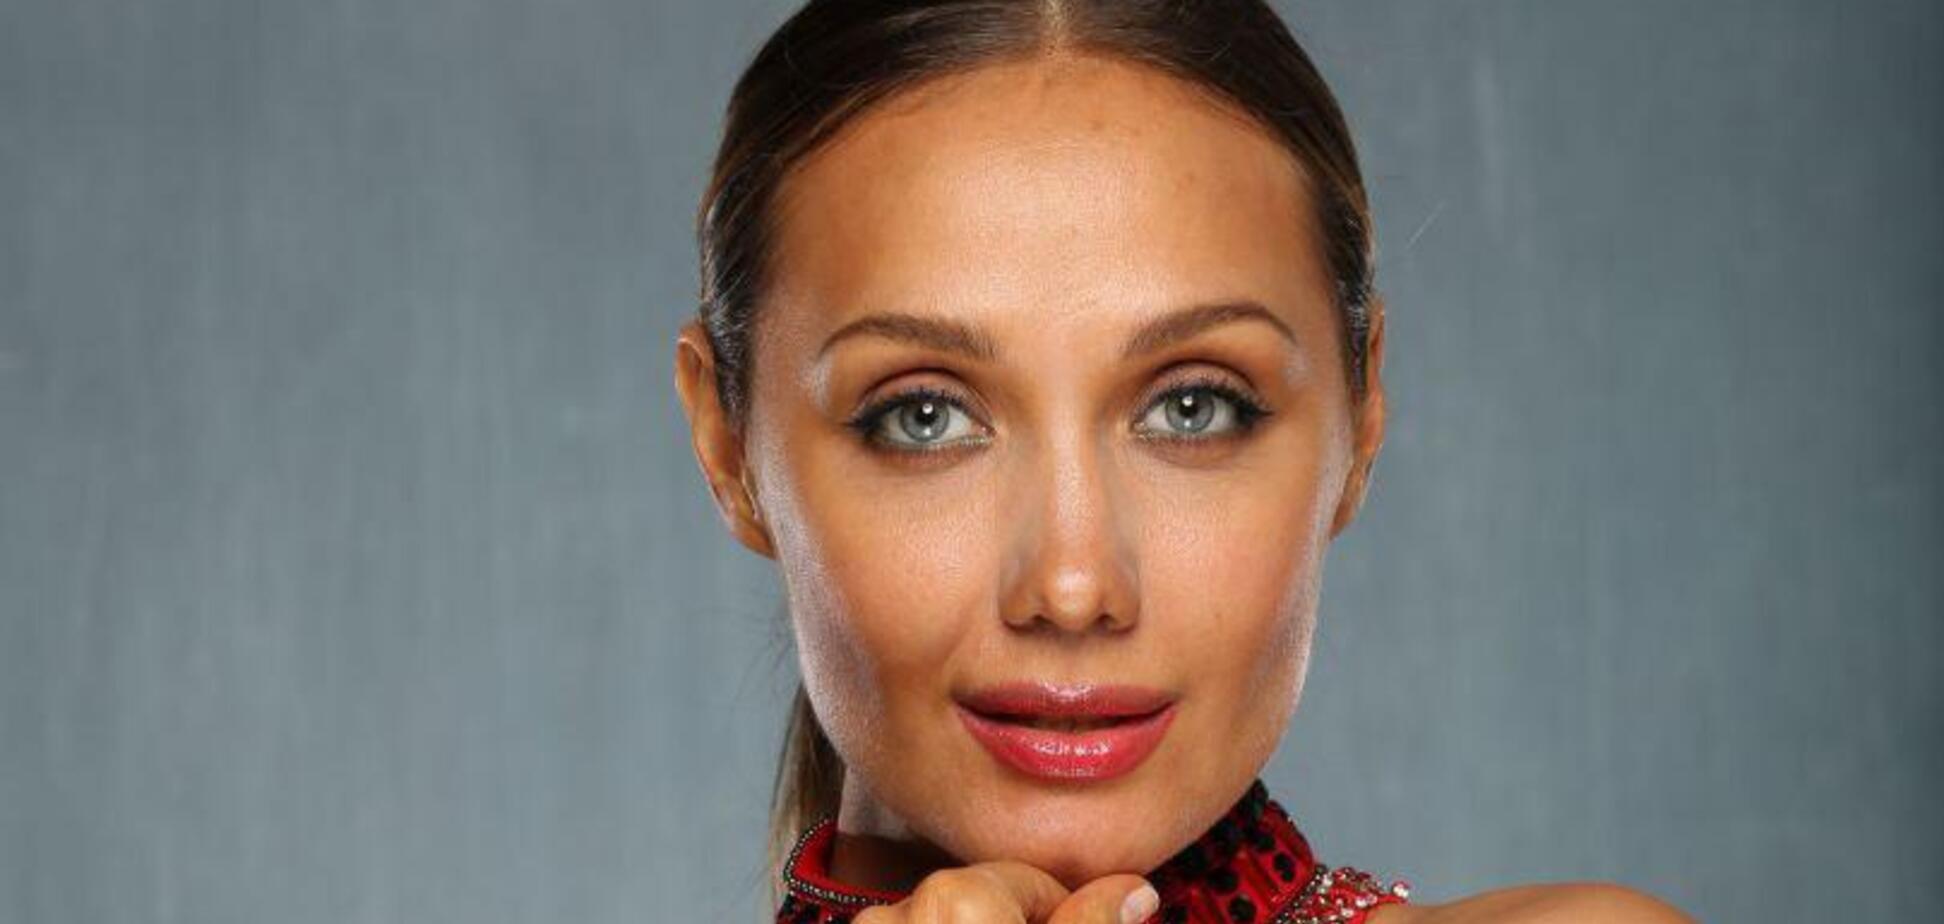 'Украинцам вас не хватает...' Известная певица после тяжелой болезни внезапно запела